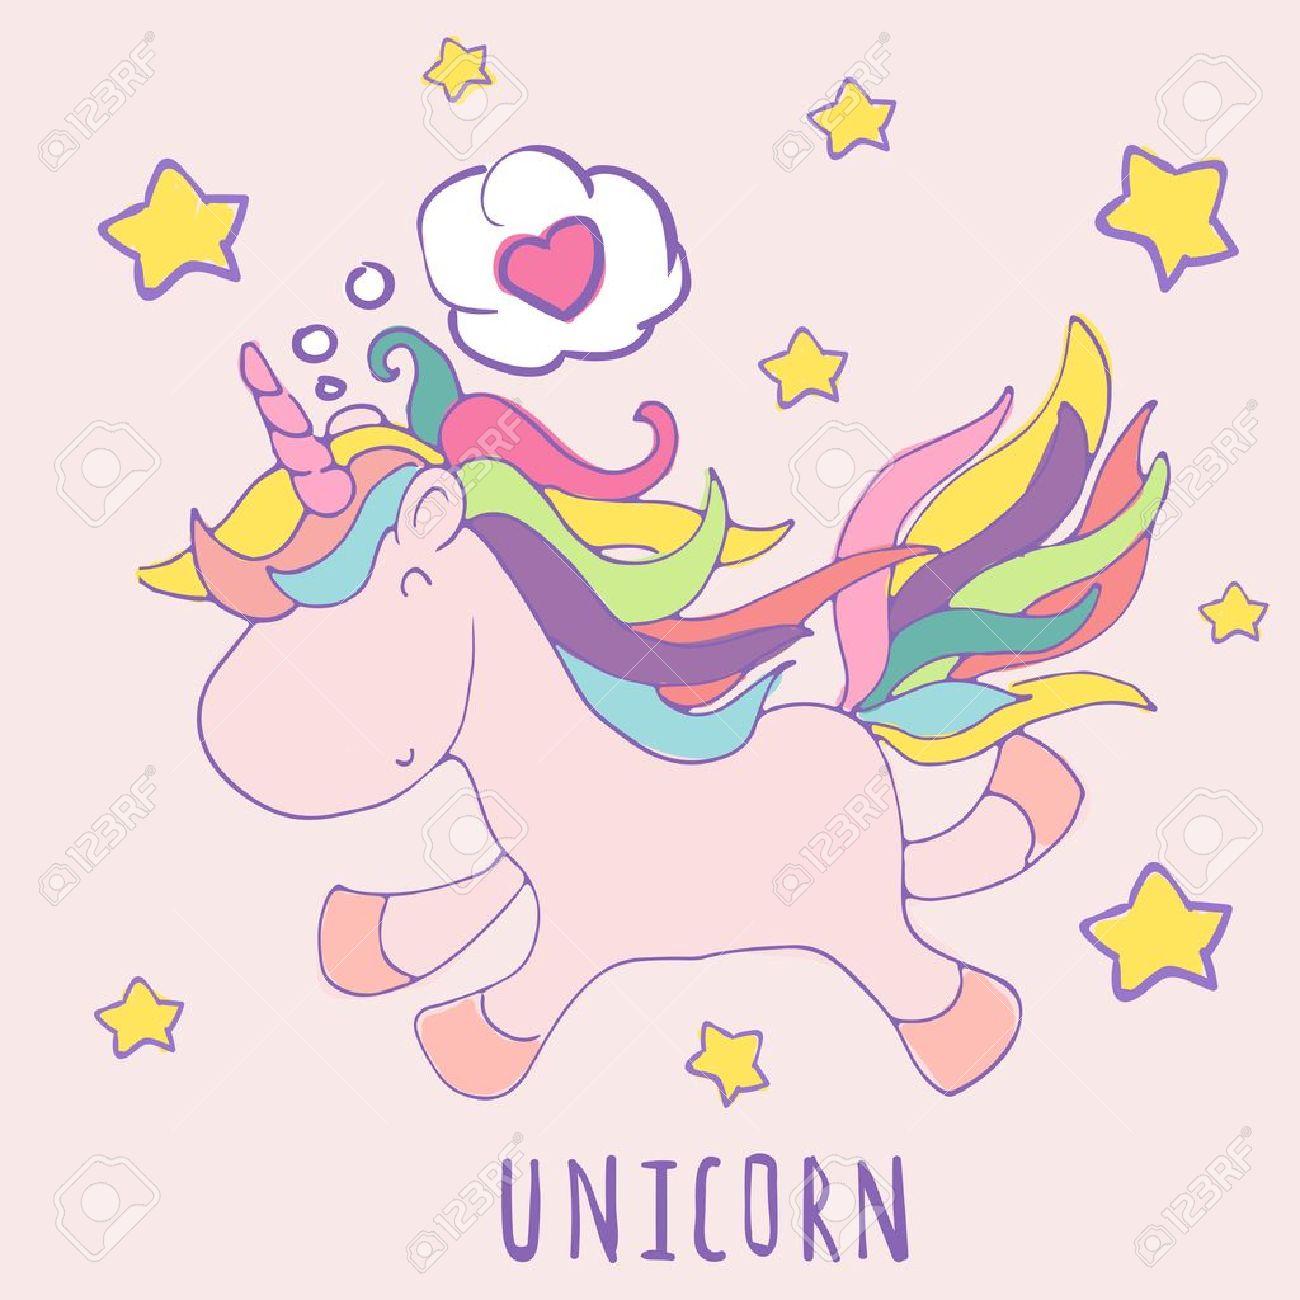 Amor Del Unicornio Historieta Linda Del Vector Tarjeta Del Feliz Cumpleaños Con Invitación De La Fiesta De Diseño Invitación Plantilla Vector